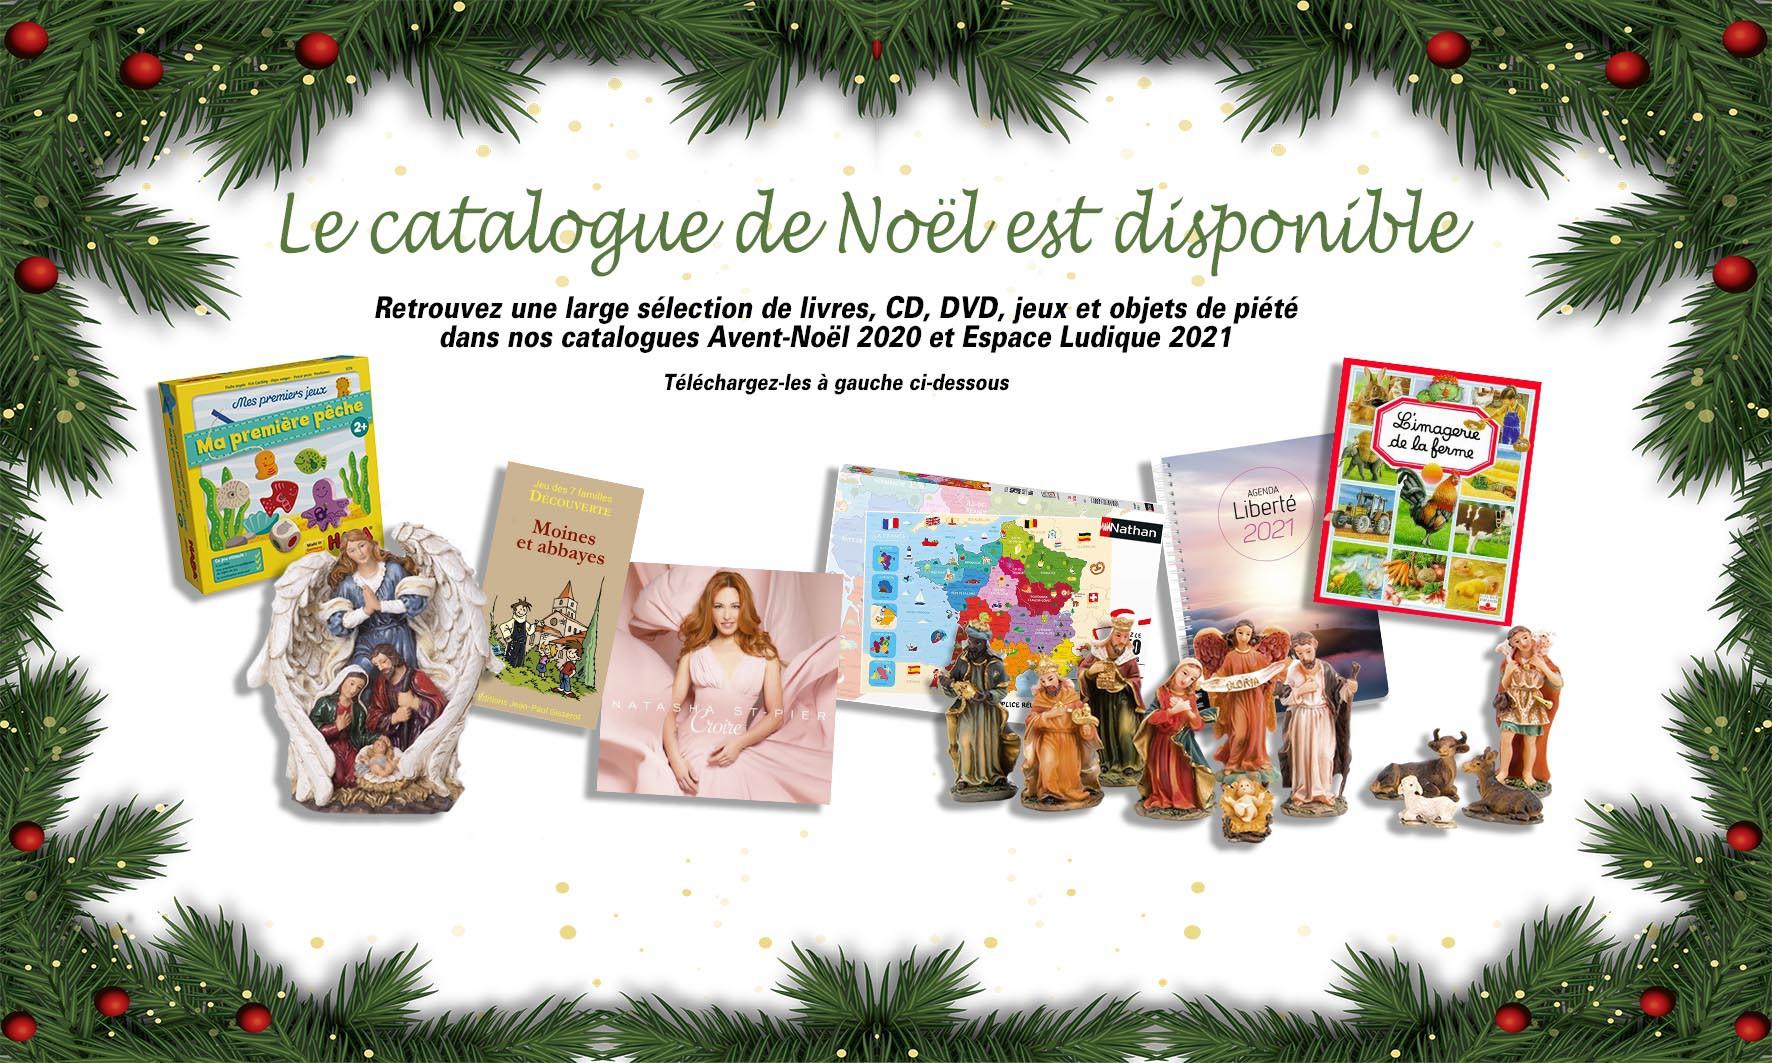 Découvrez nos catalogues de Noël